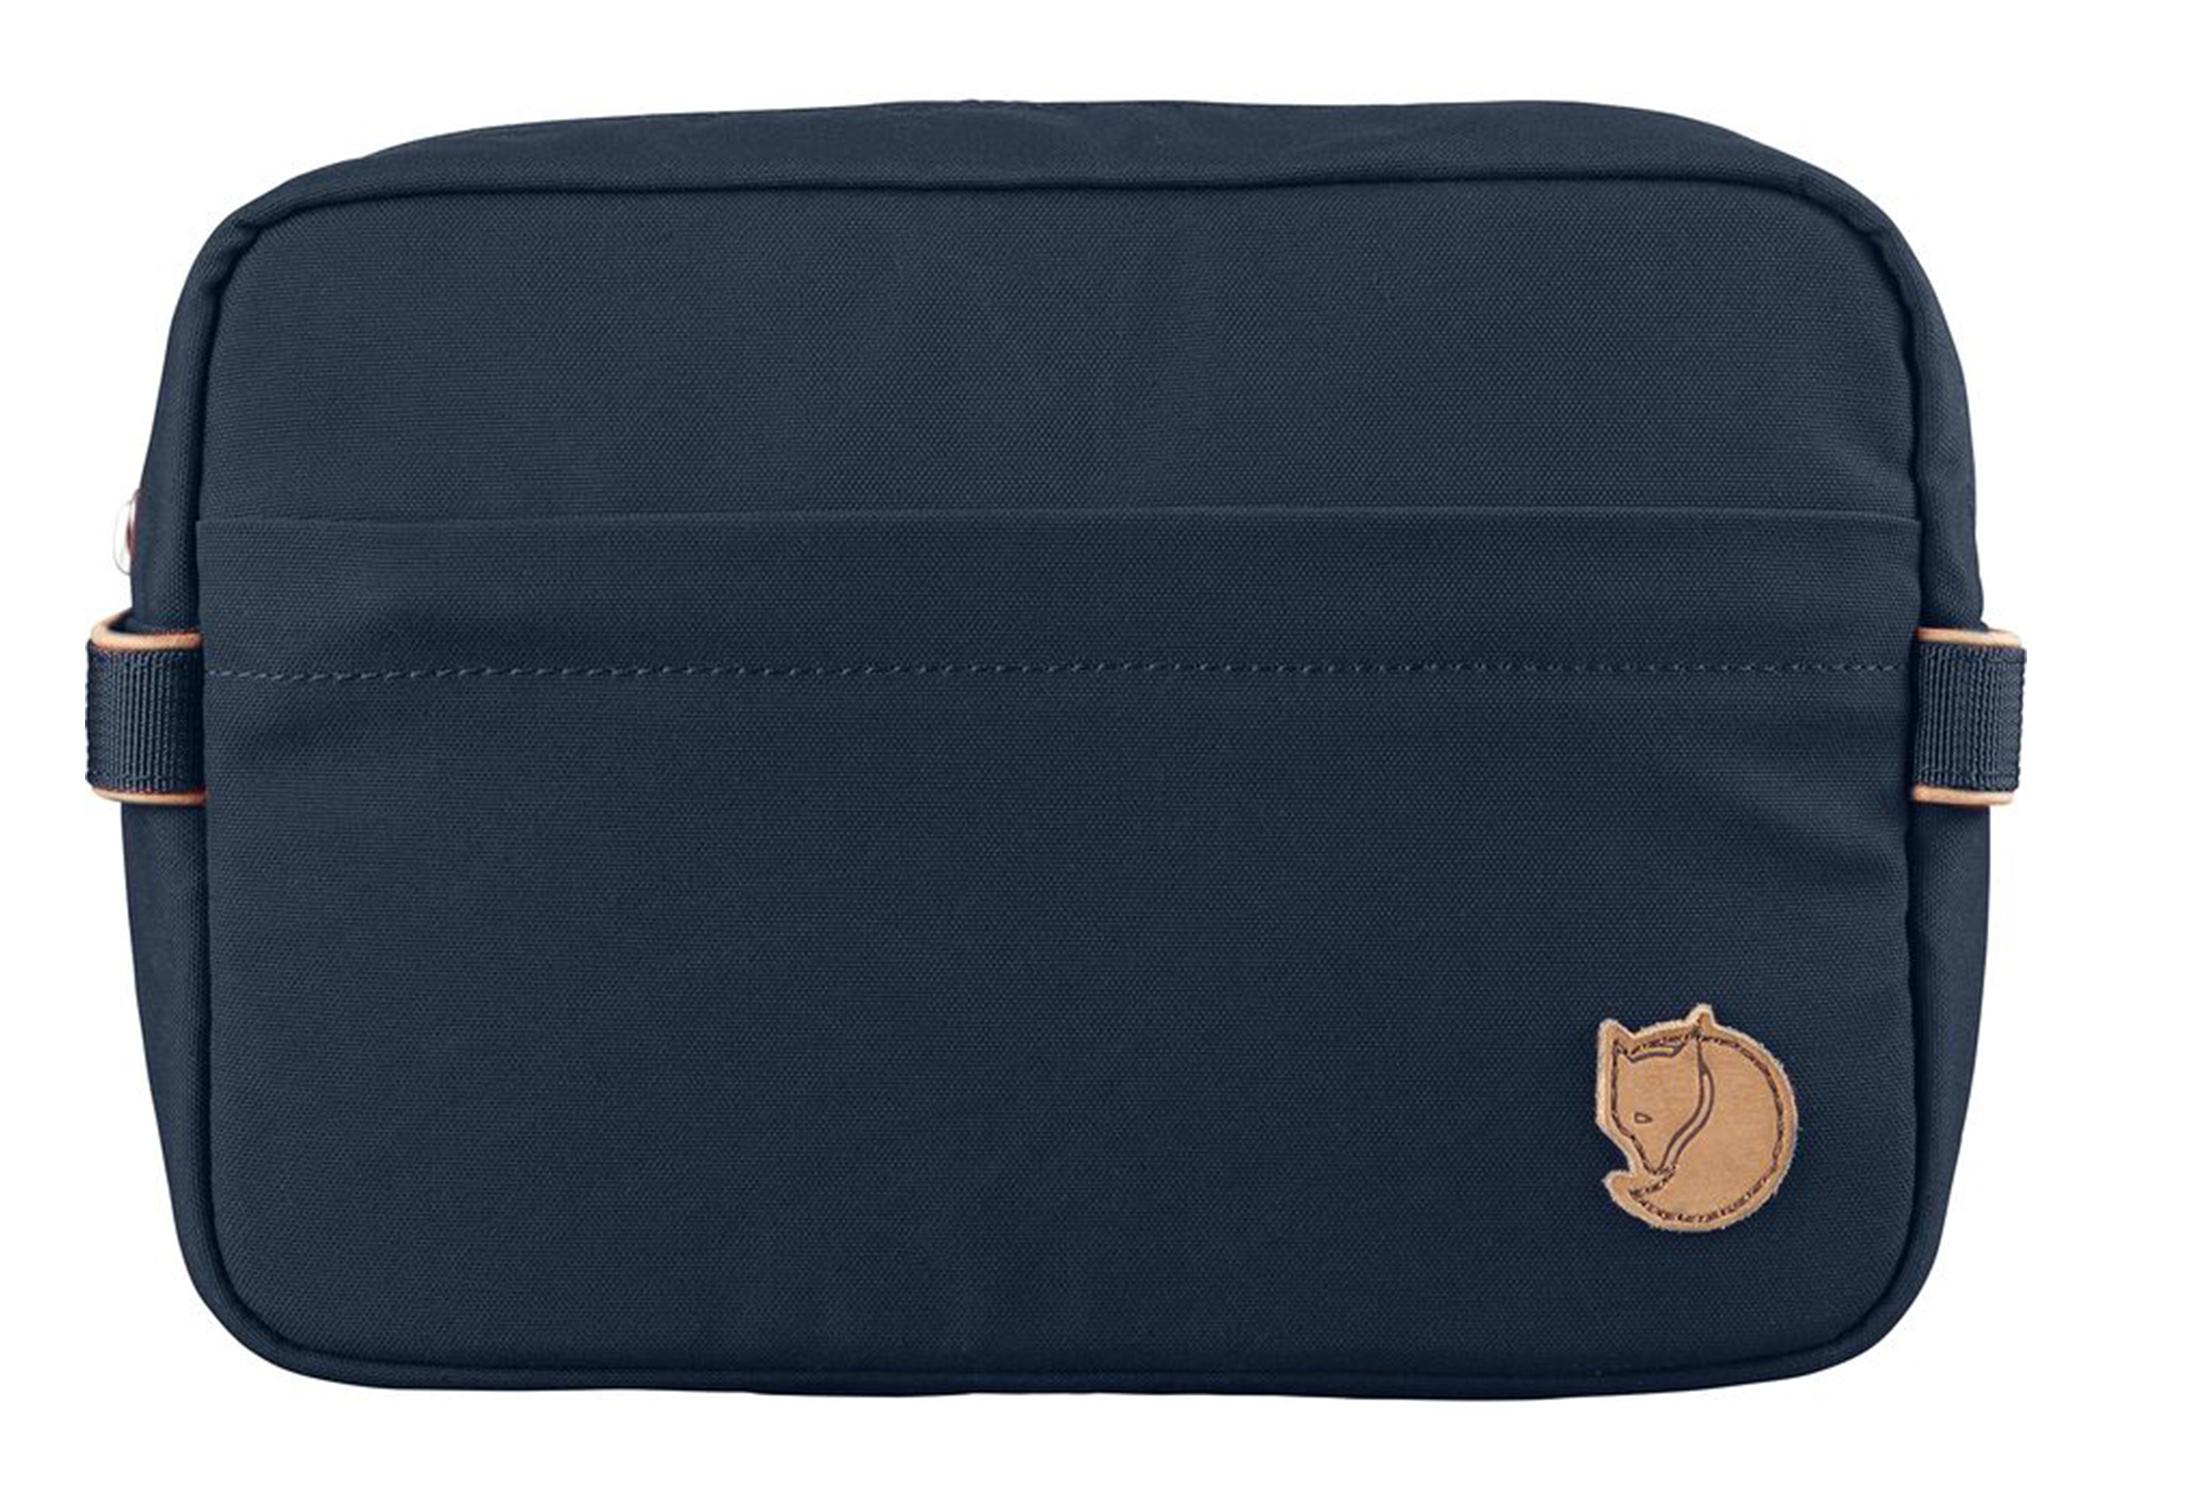 fjallraven travel bag